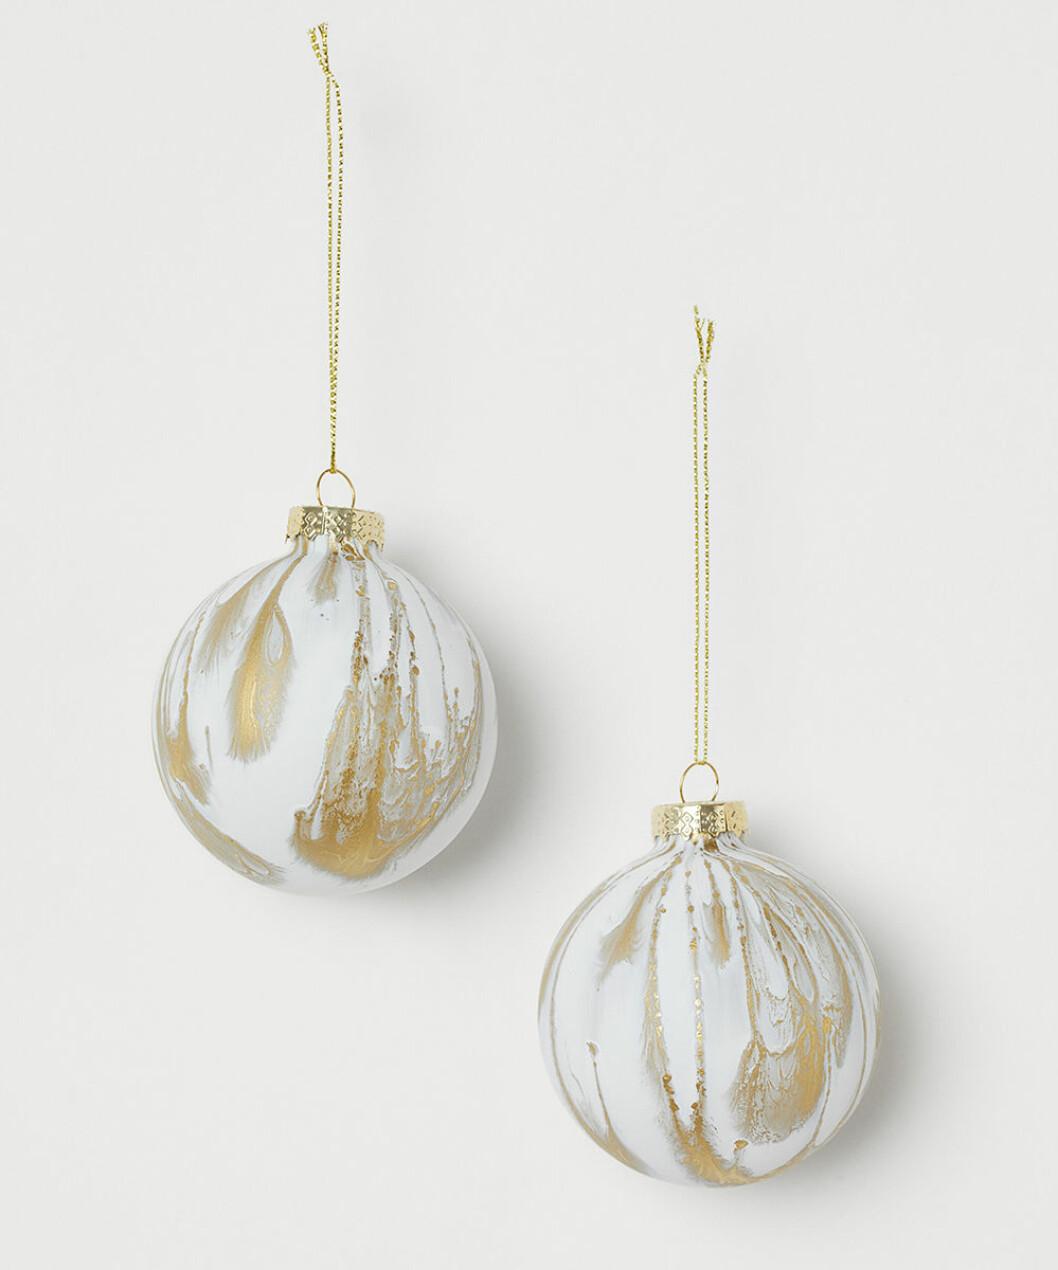 Julgranskulor i vitt och guld från H&M Home